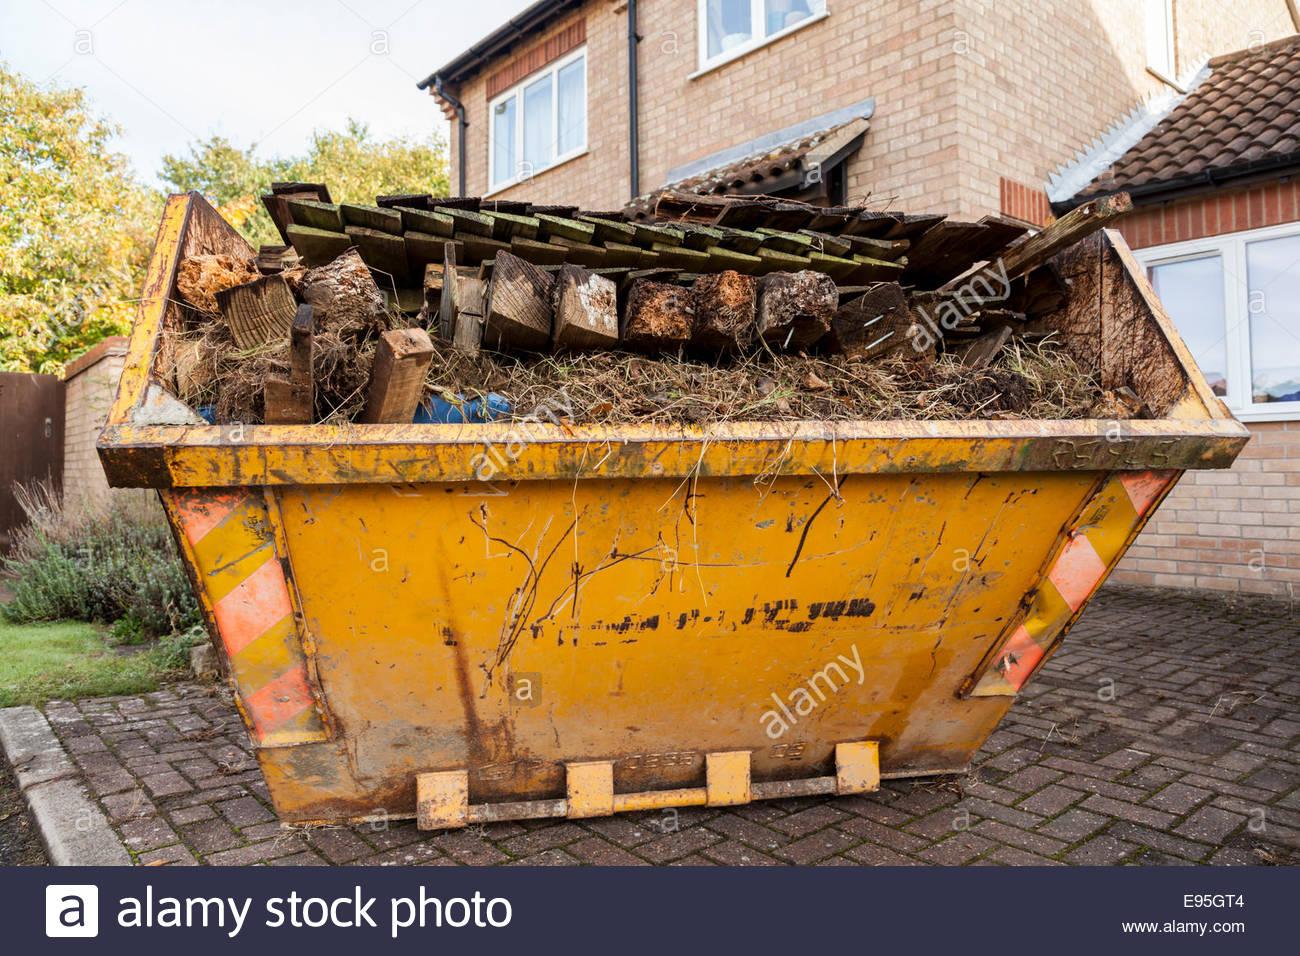 Saltar grande llena de desechos del jardín y cercas Imagen De Stock